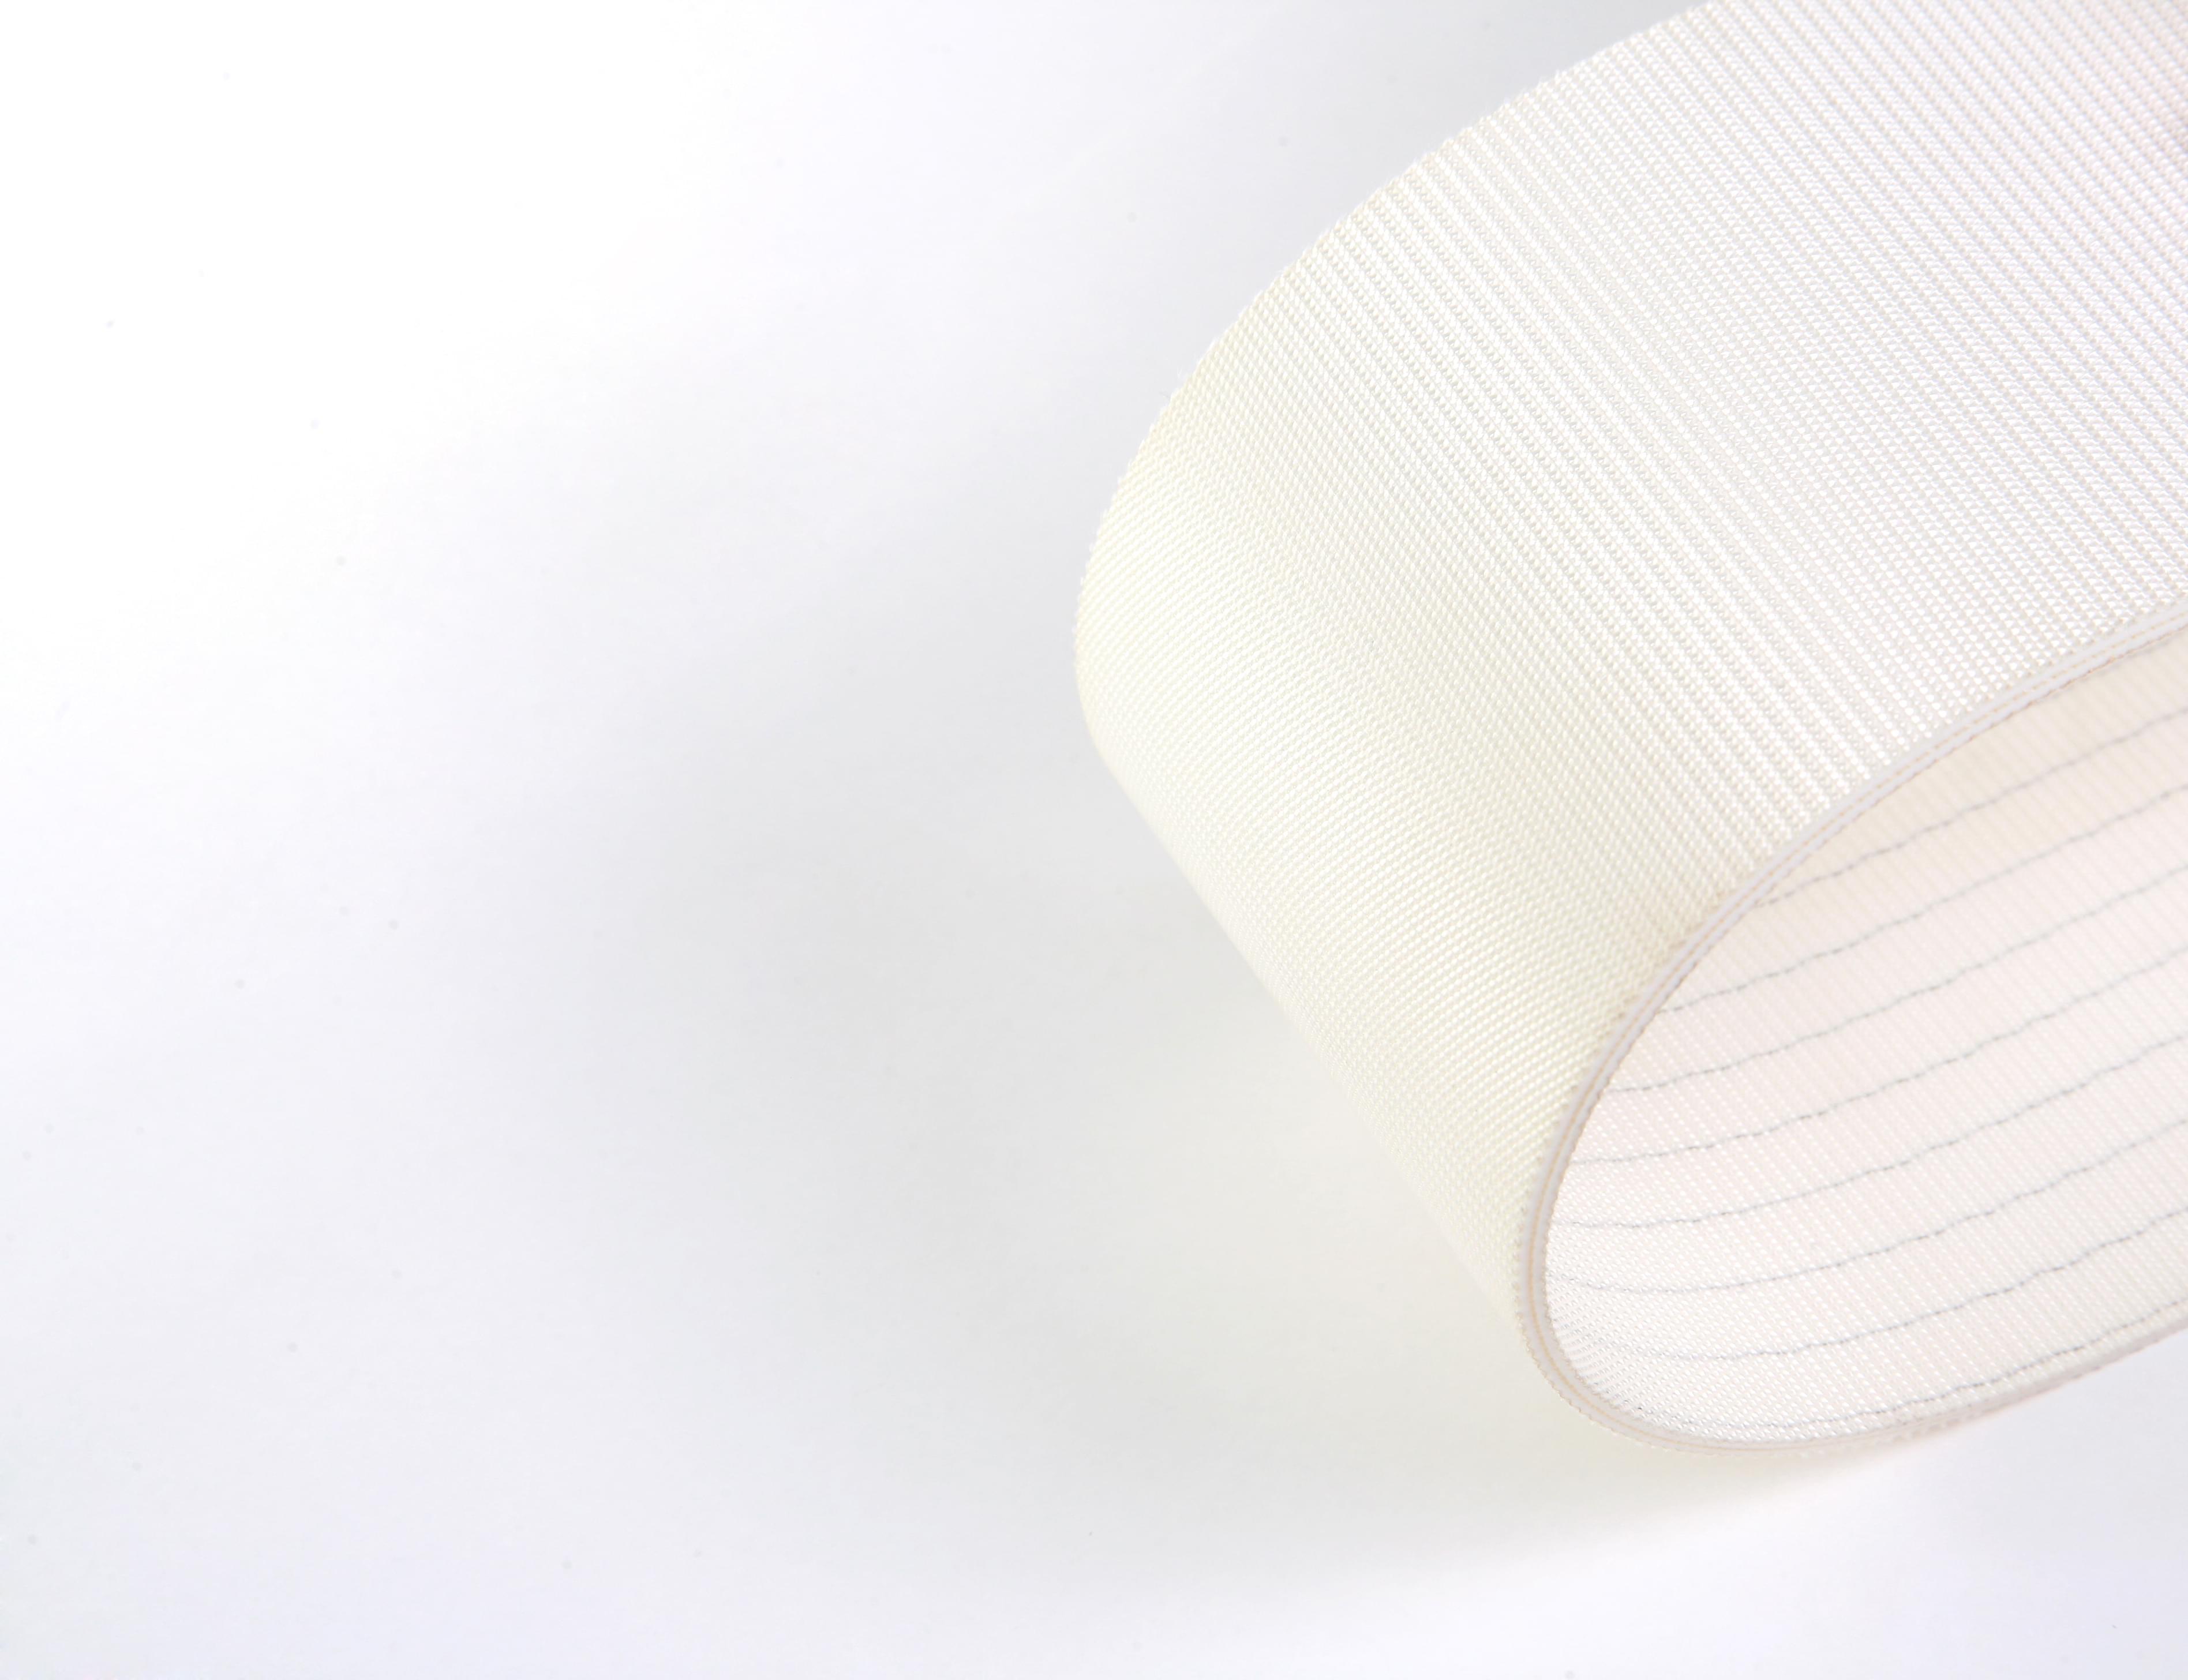 correia PVC com tecidos em algodão reforçado